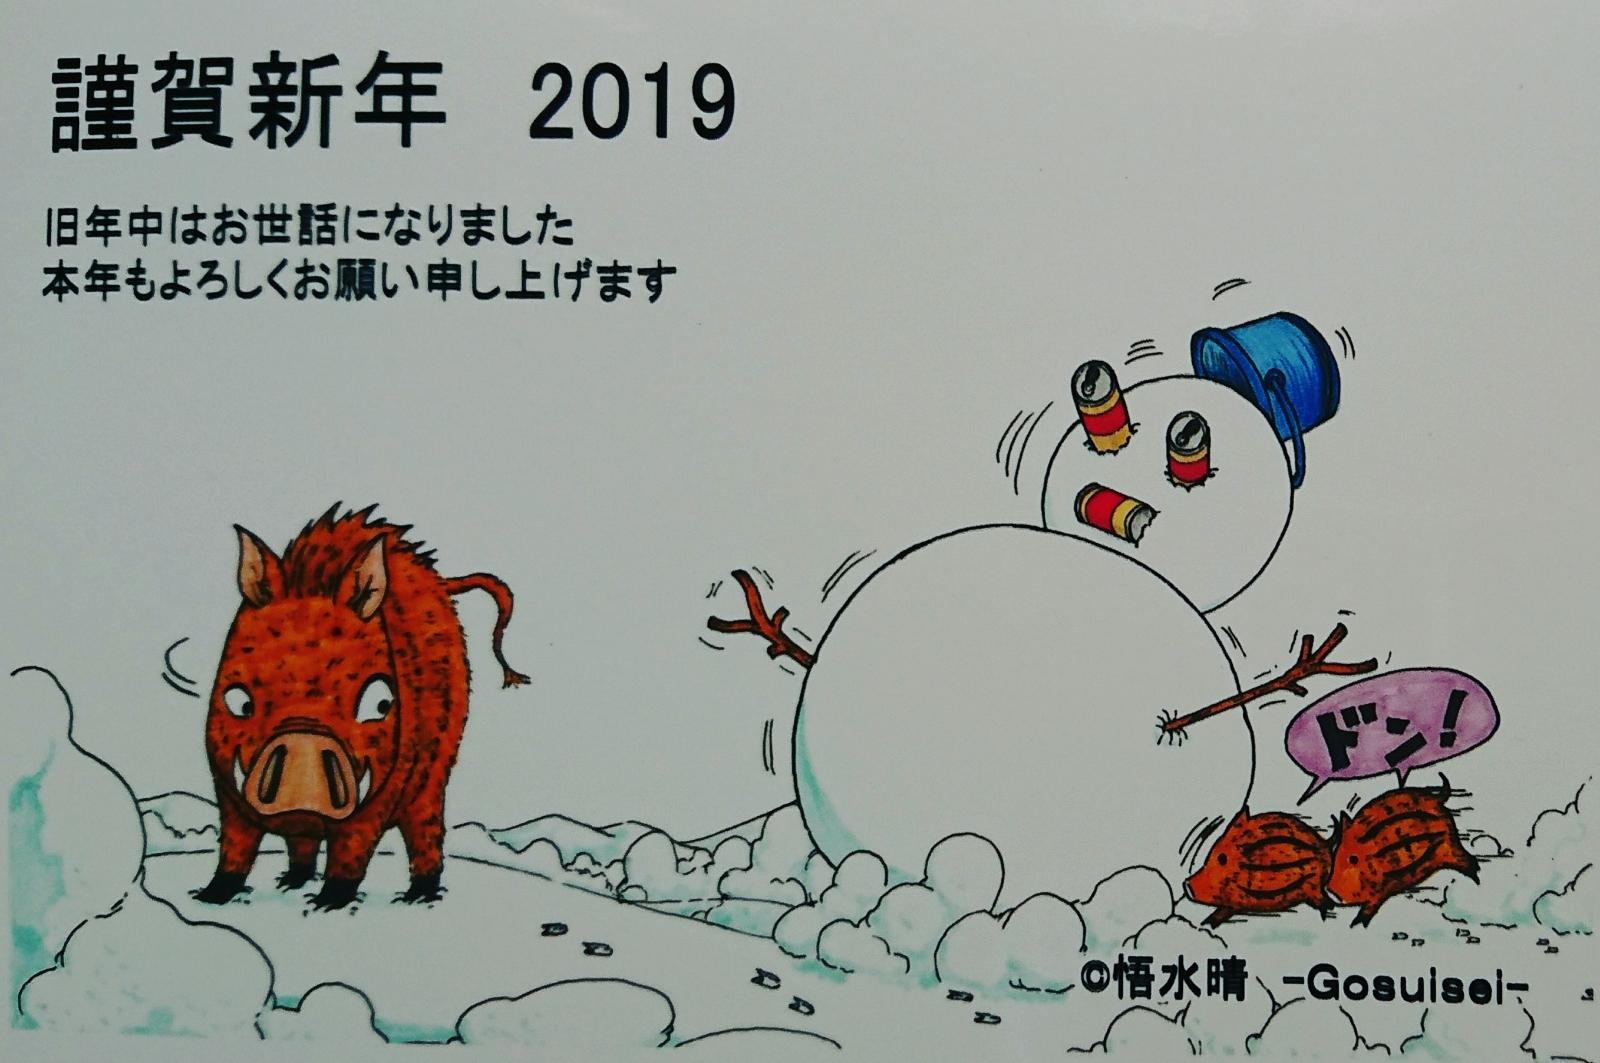 2019年今年もよろしくお願いします